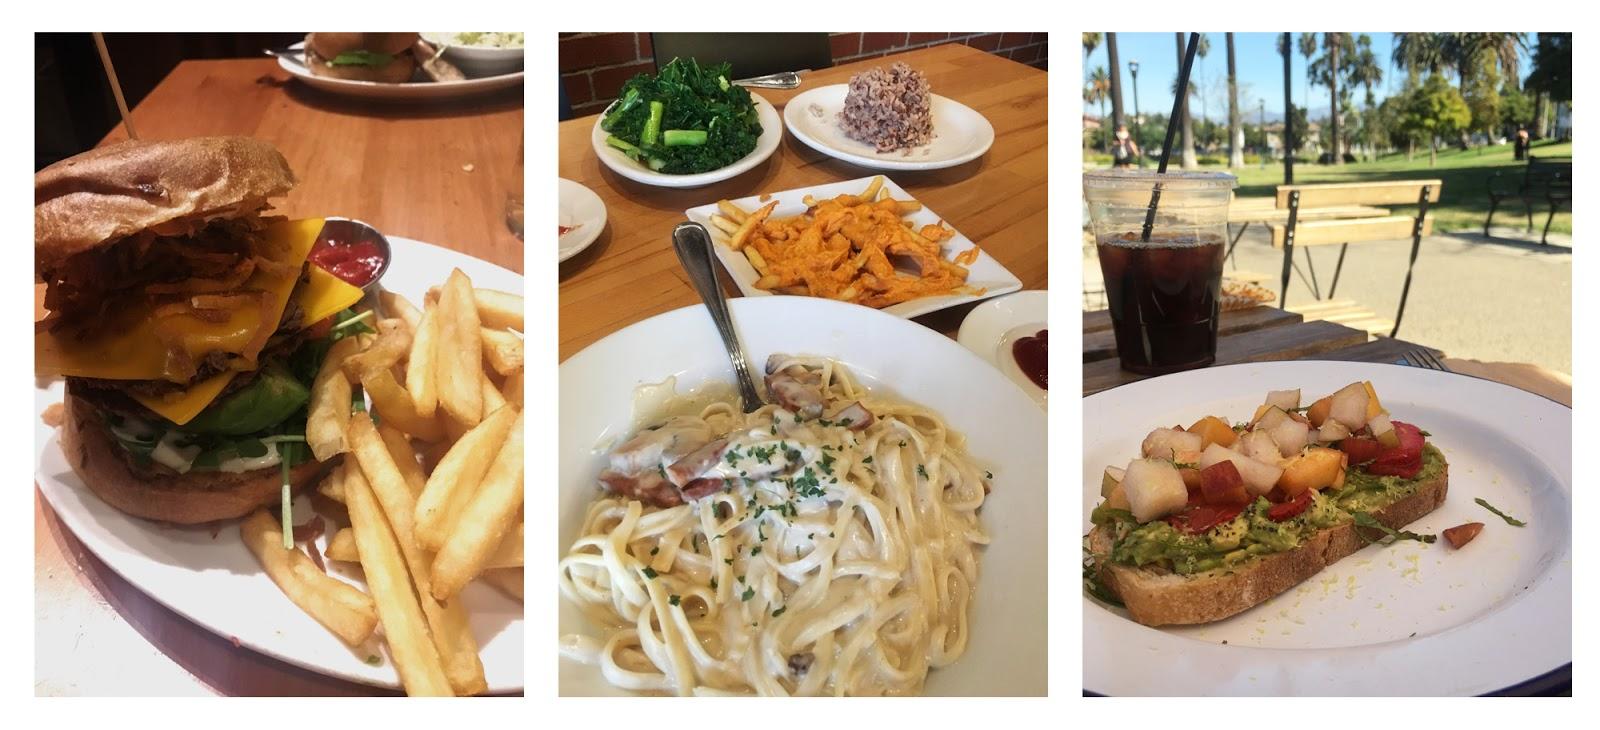 Vegetarian and Vegan Food in Los Angeles